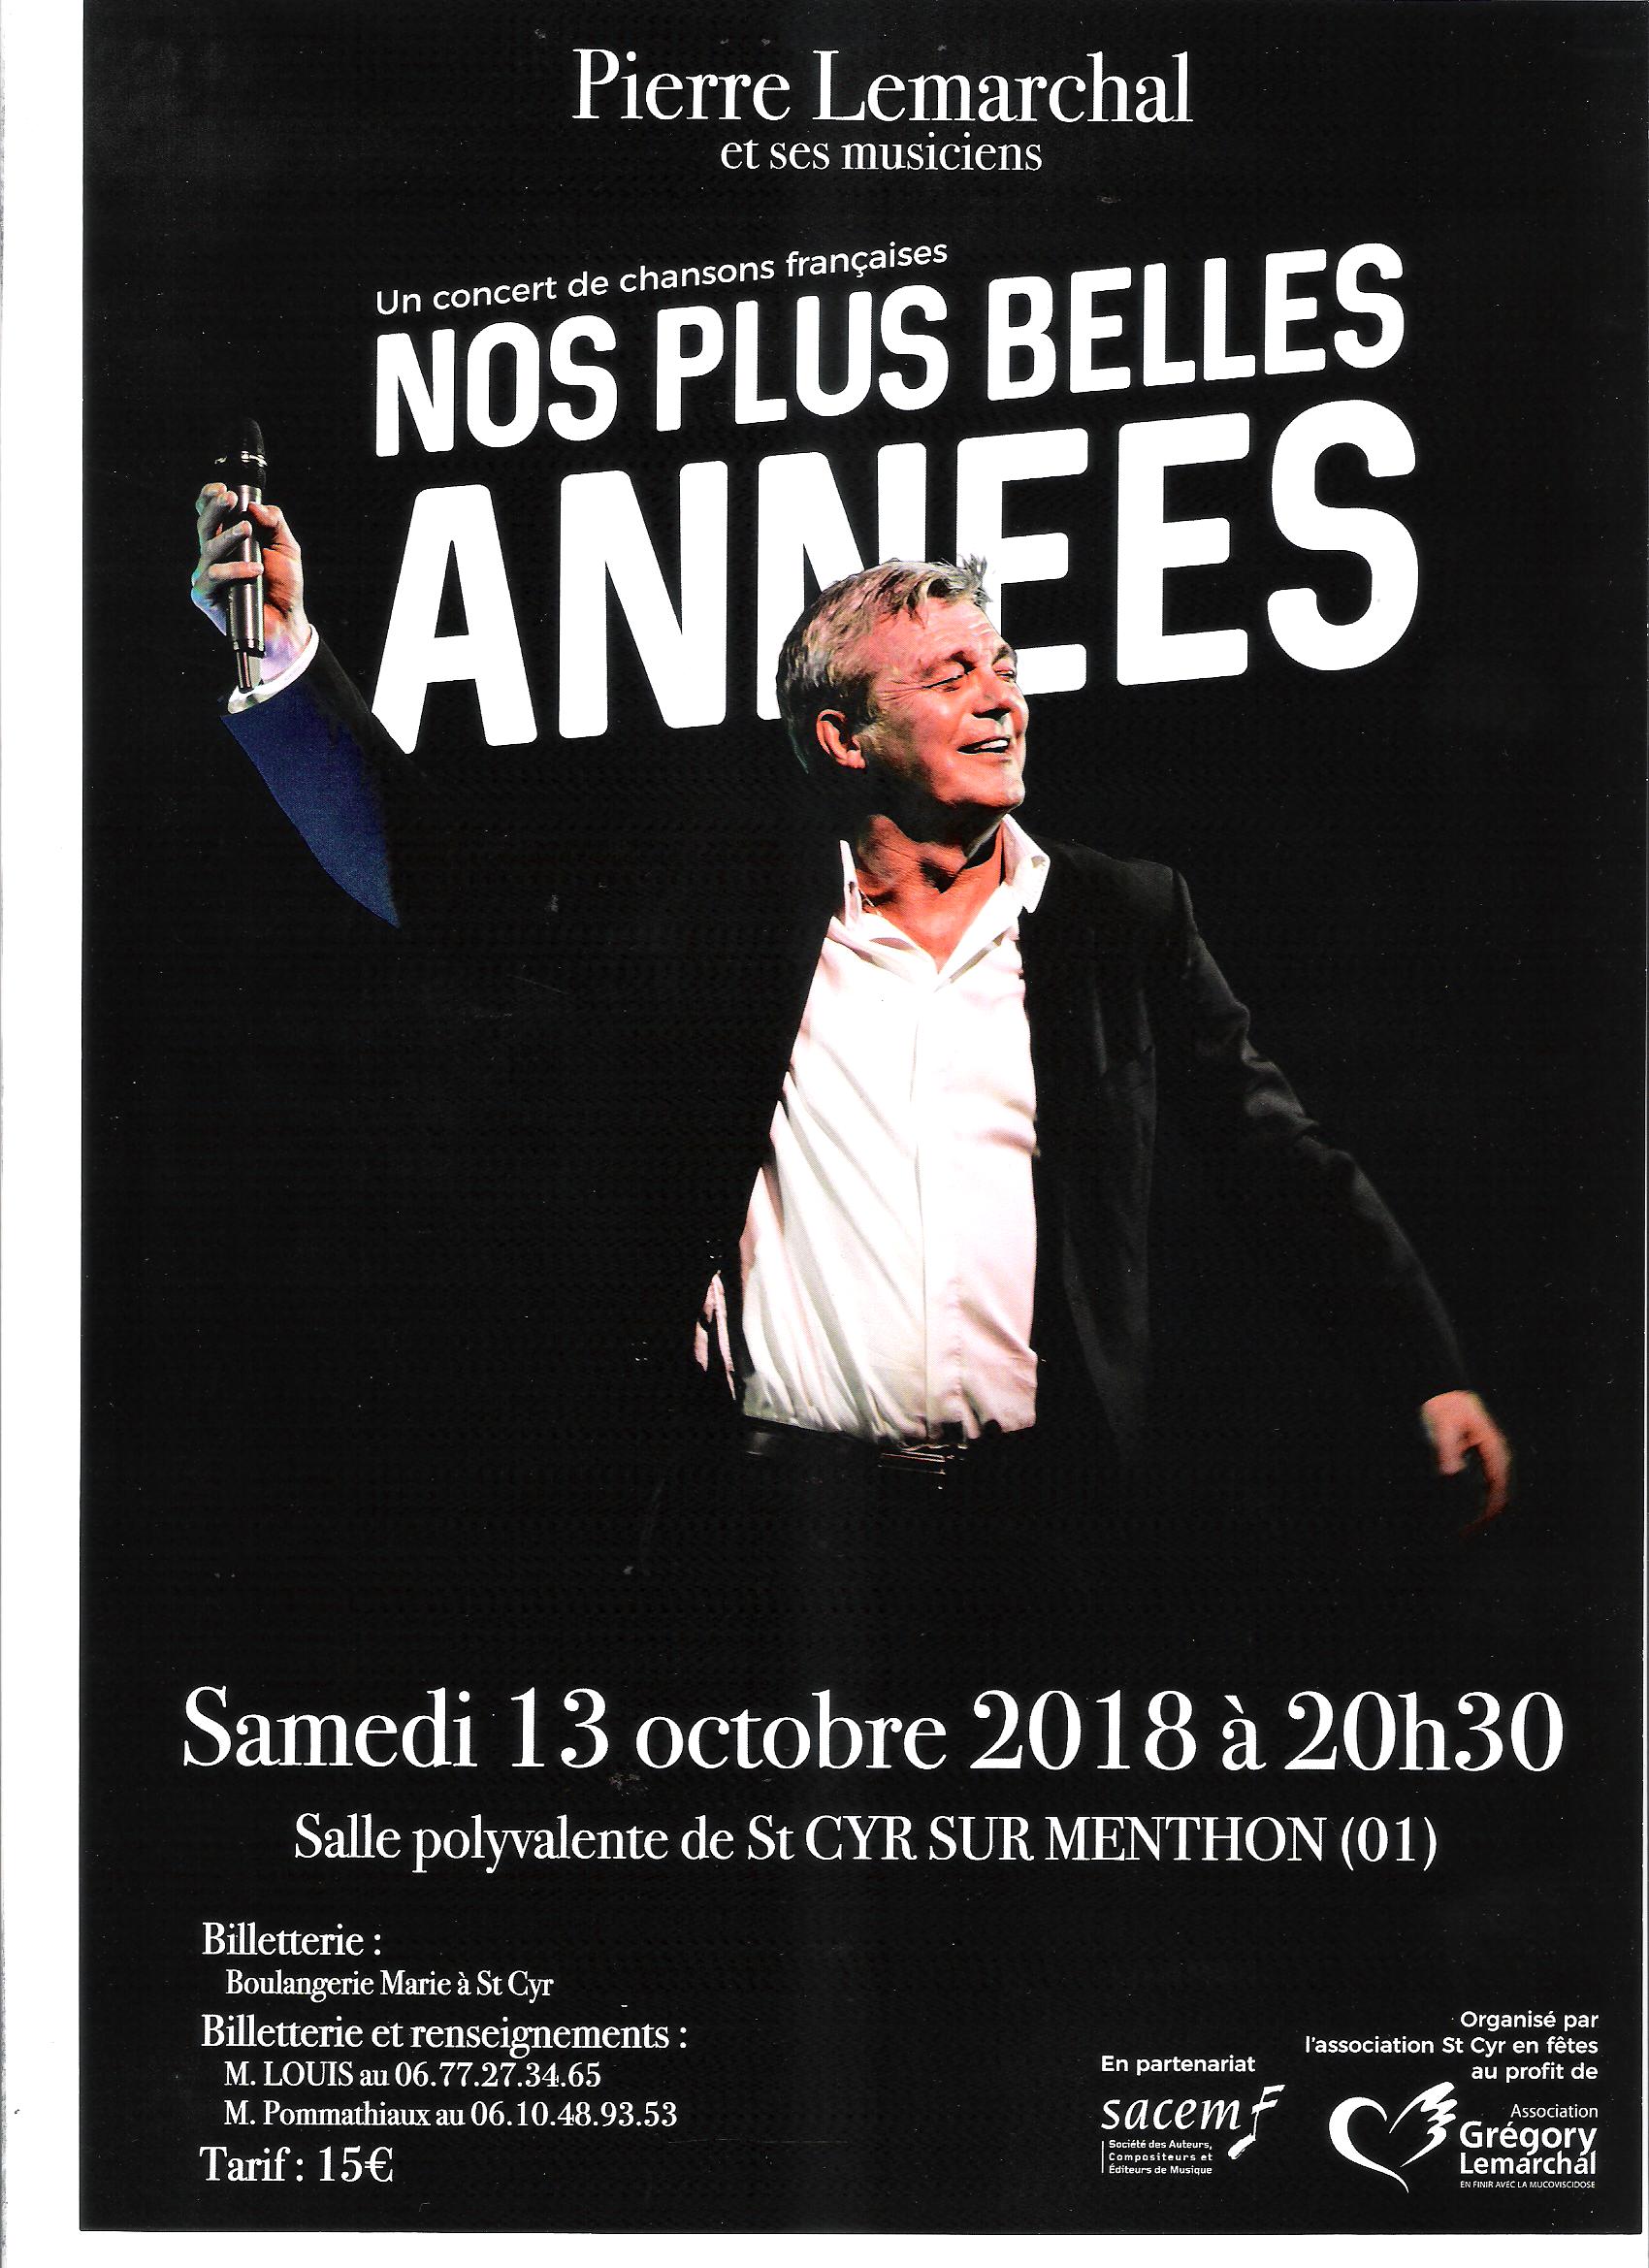 Affiche Concert affiche concert st cyr en fêtes 13 octobre | mairie de saint-cyr-sur